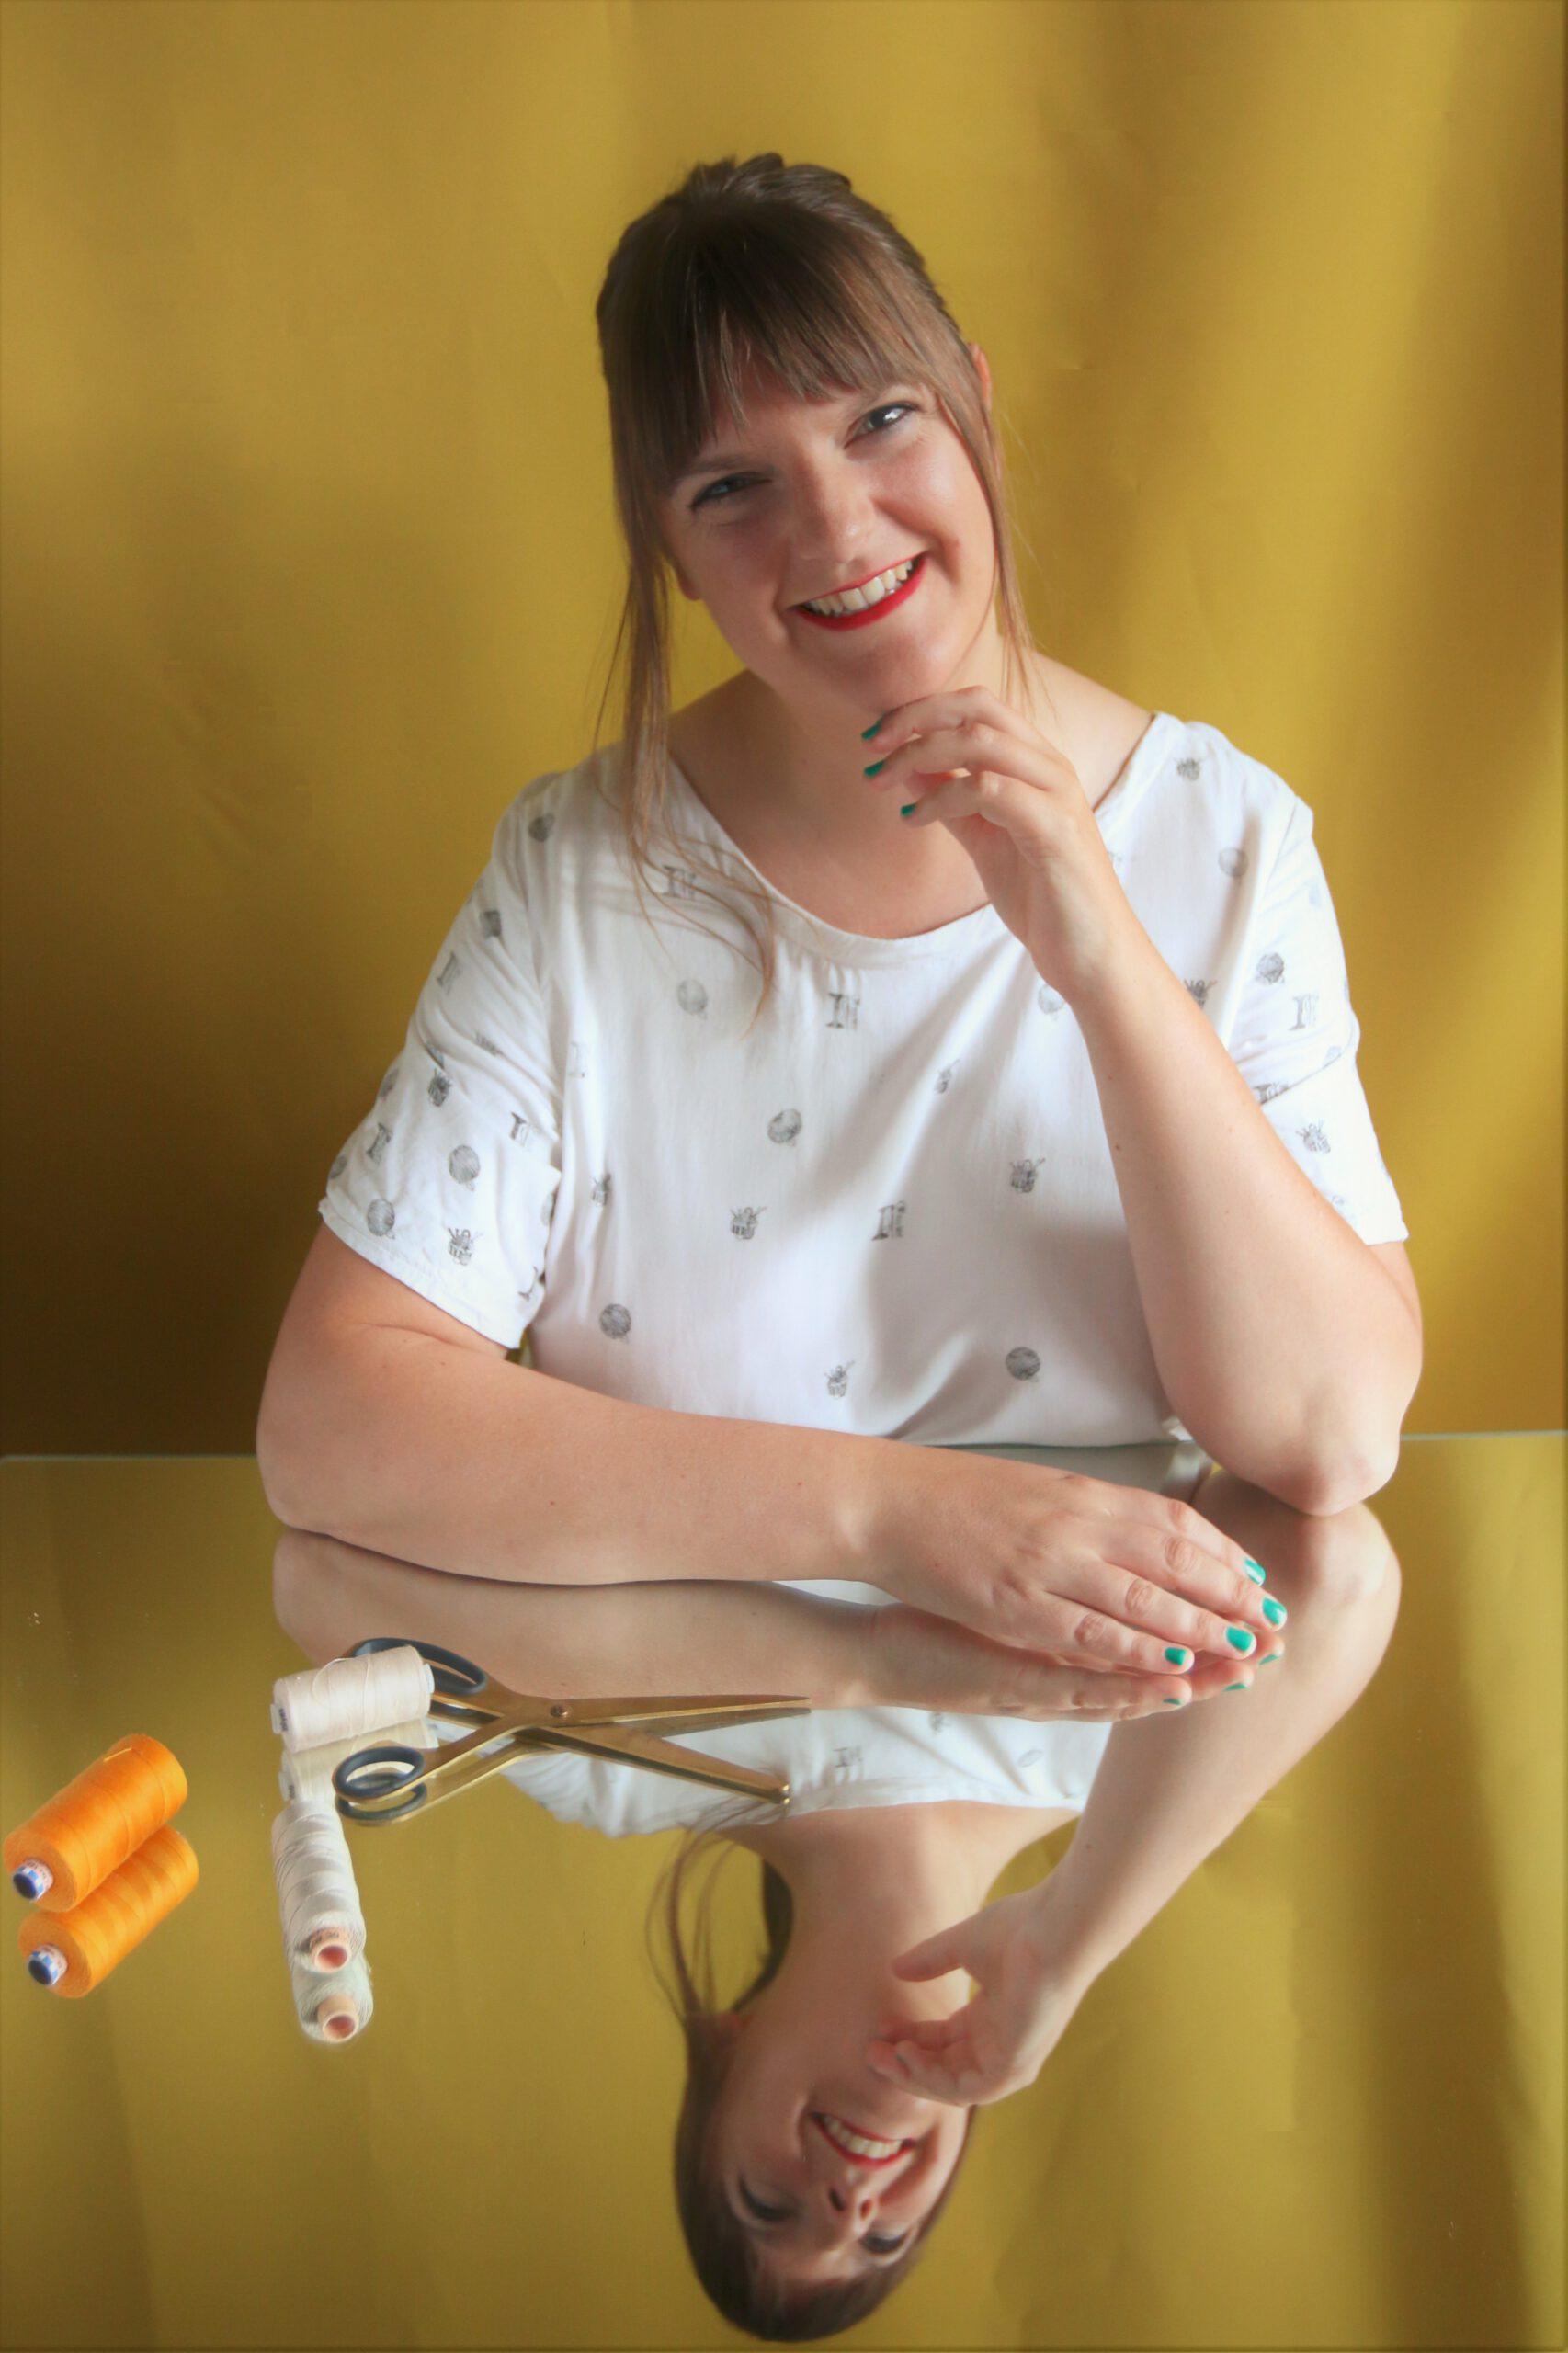 Tine vom Nähblog Tine Sews sitzt an einem Tisch und vor ihr liegen Nähutensilien wie Garn und Schere